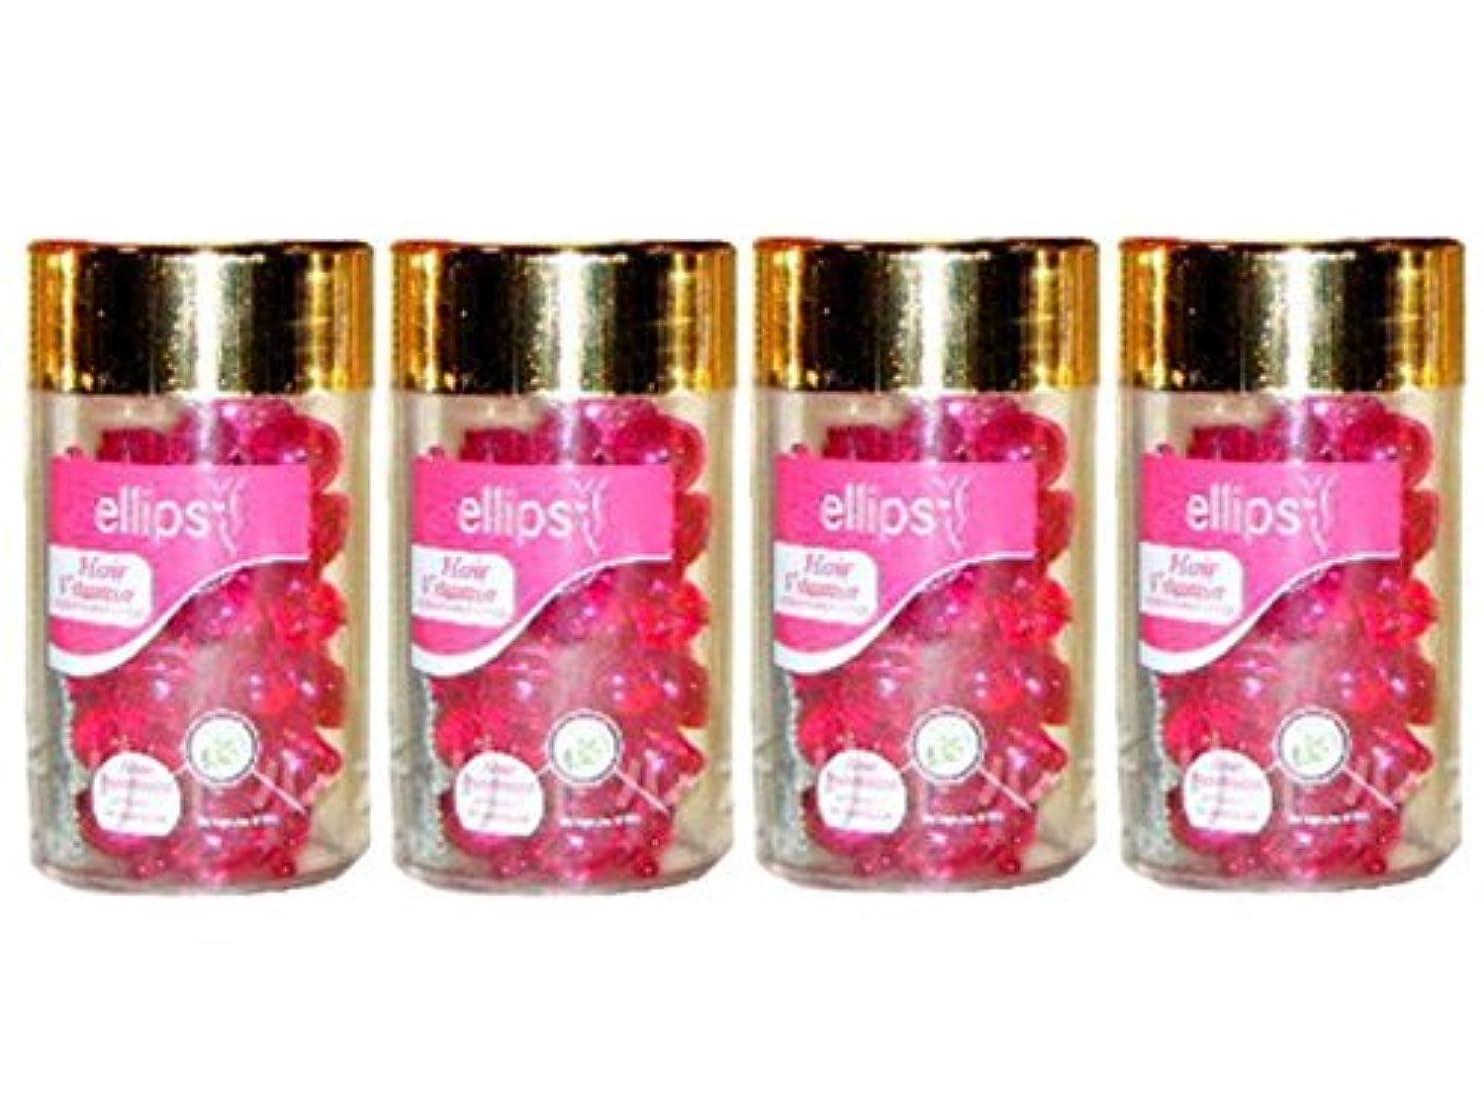 評価する器用ライセンスエリップスellipsヘアビタミン洗い流さないヘアトリートメント50粒入ボトル4本組(並行輸入品) (ピンク)